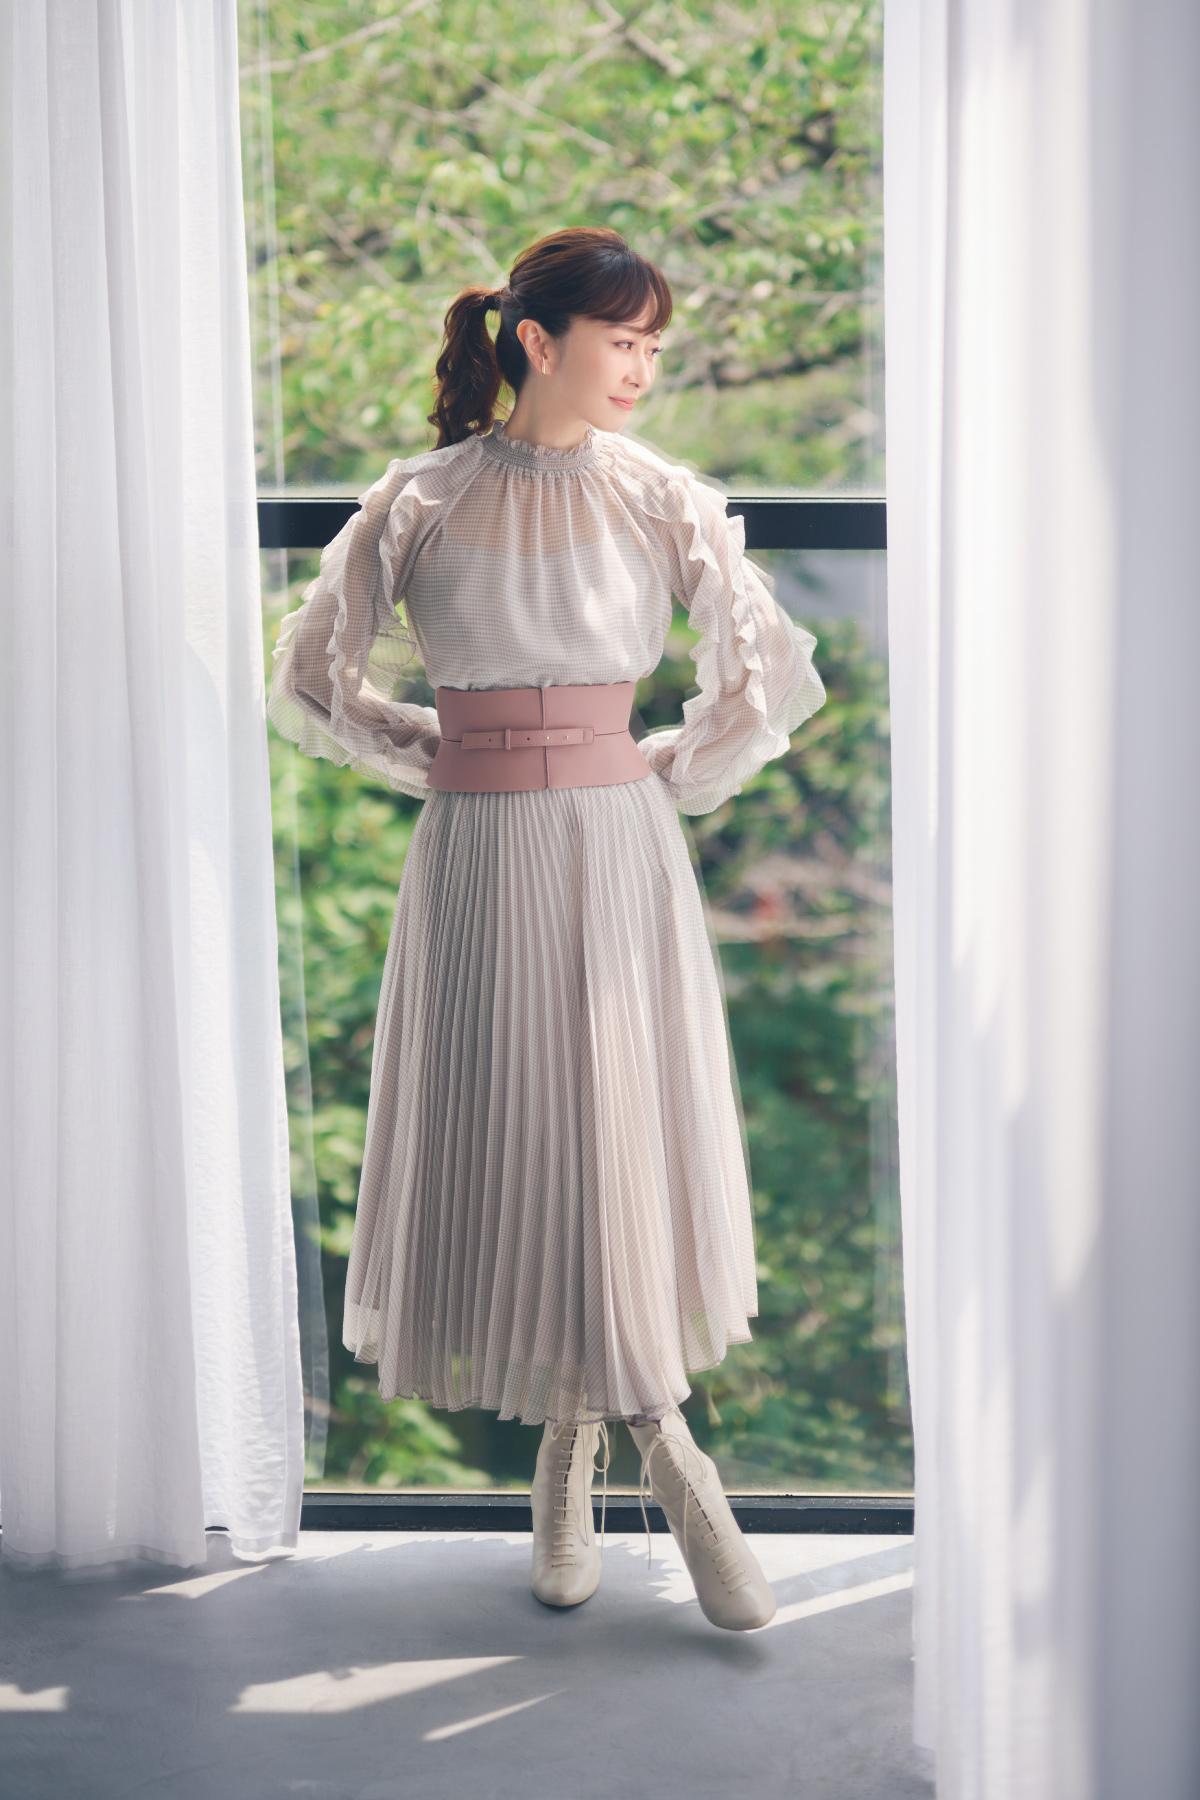 ライトグレーのドレスを着た女性